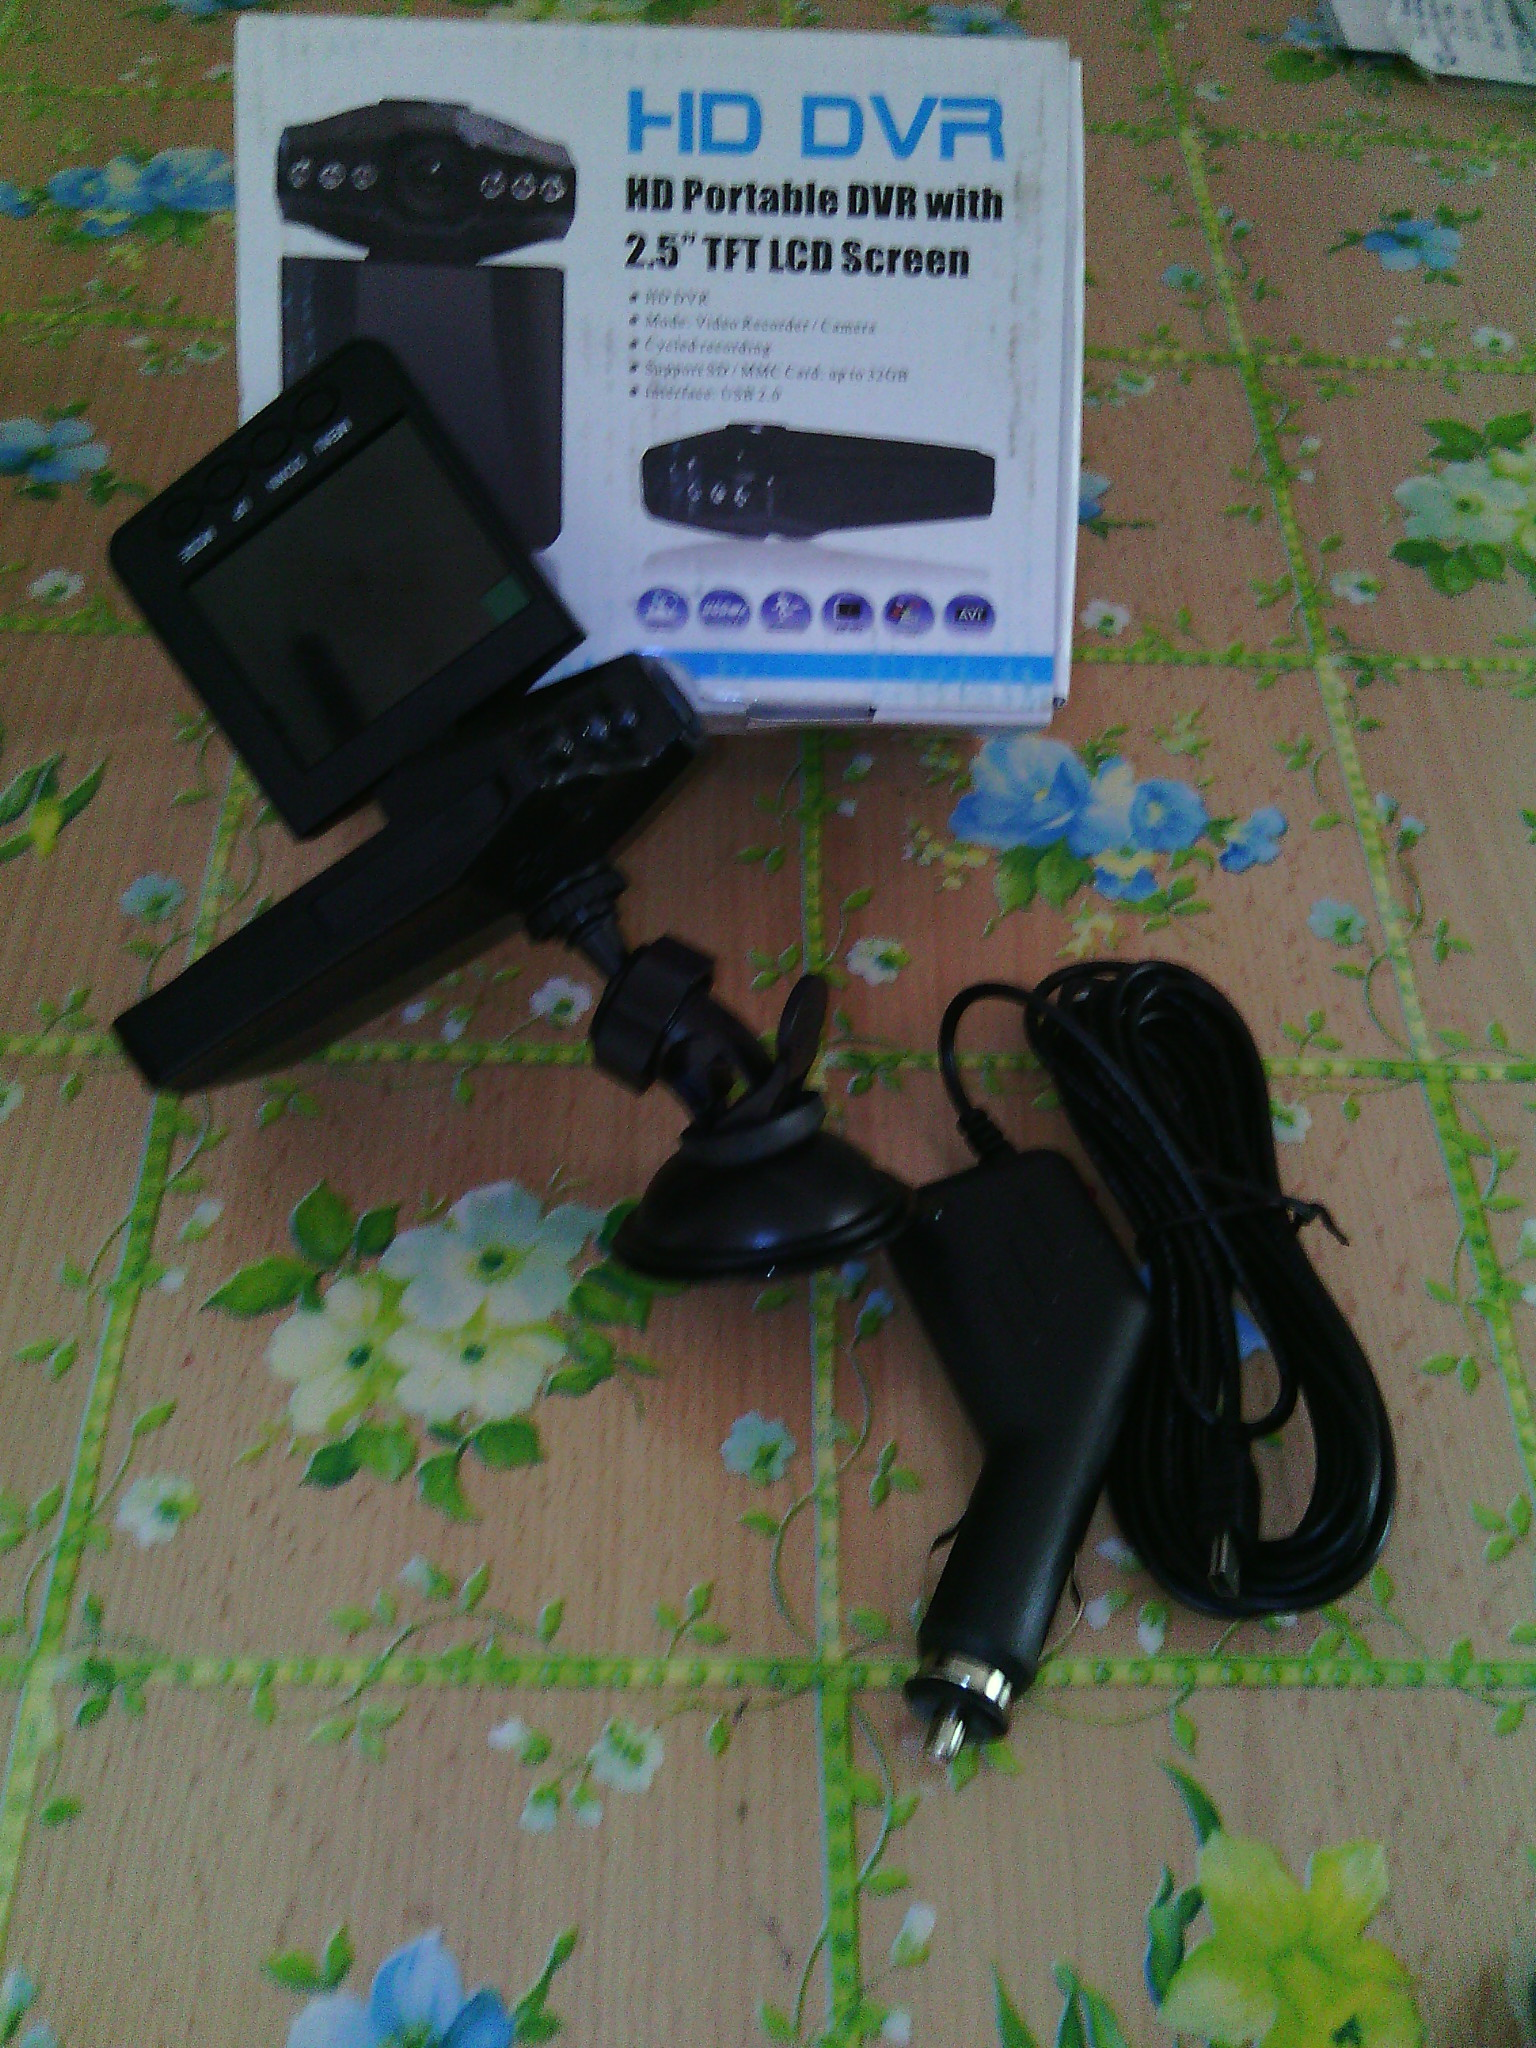 telecamera auto registra eeevai